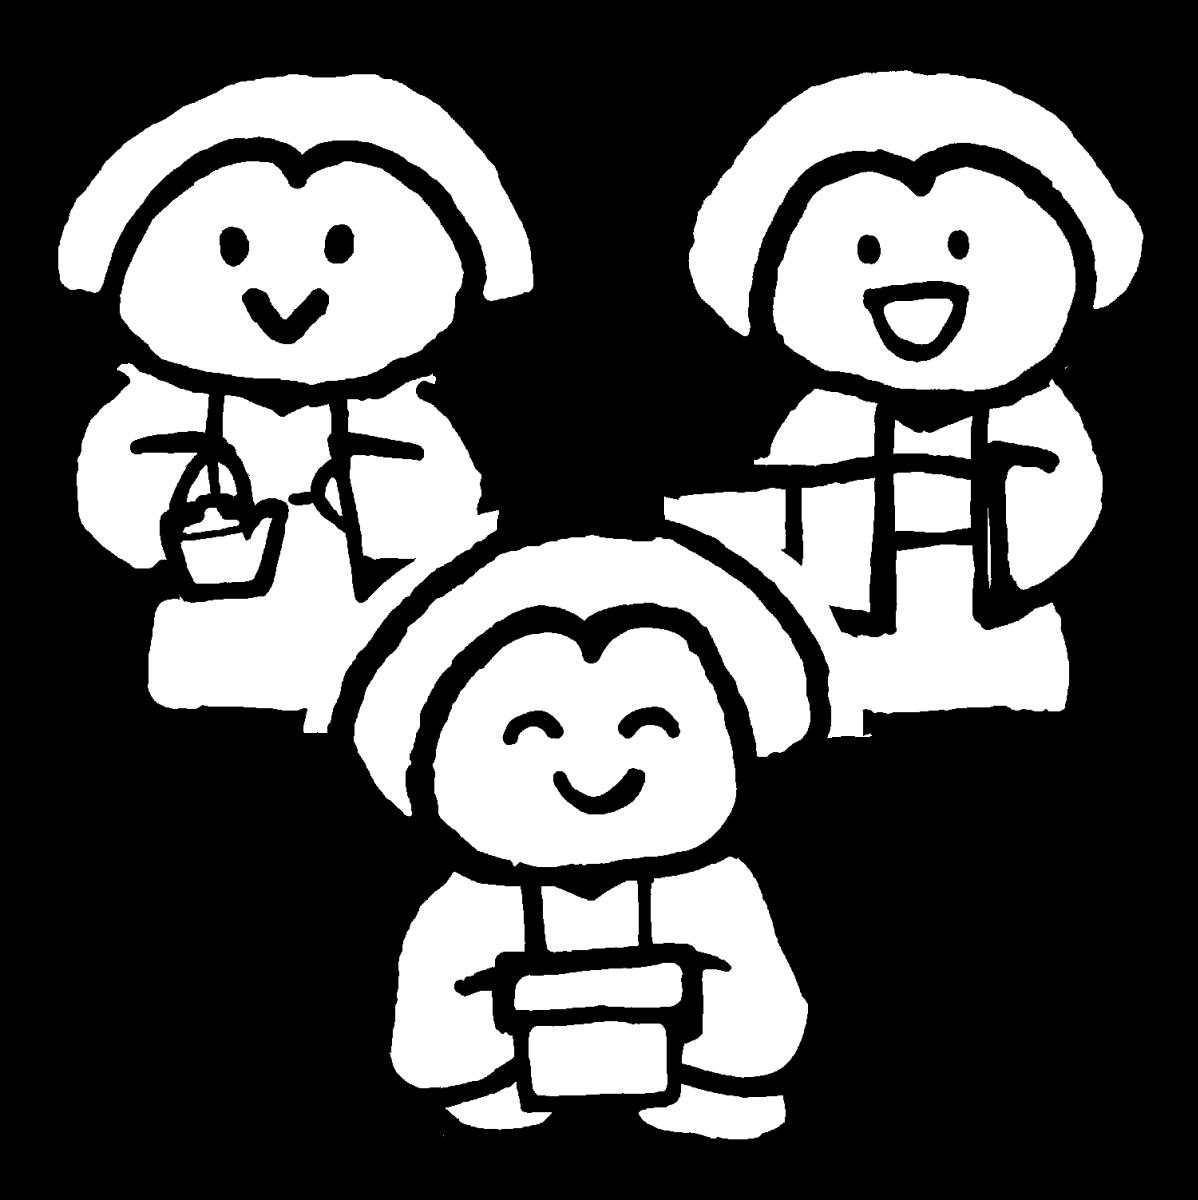 三人官女(ひな人形/バラ有)のイラスト / Sannin-kanjyo (Doll for Girls' Festival/individual) Illustration